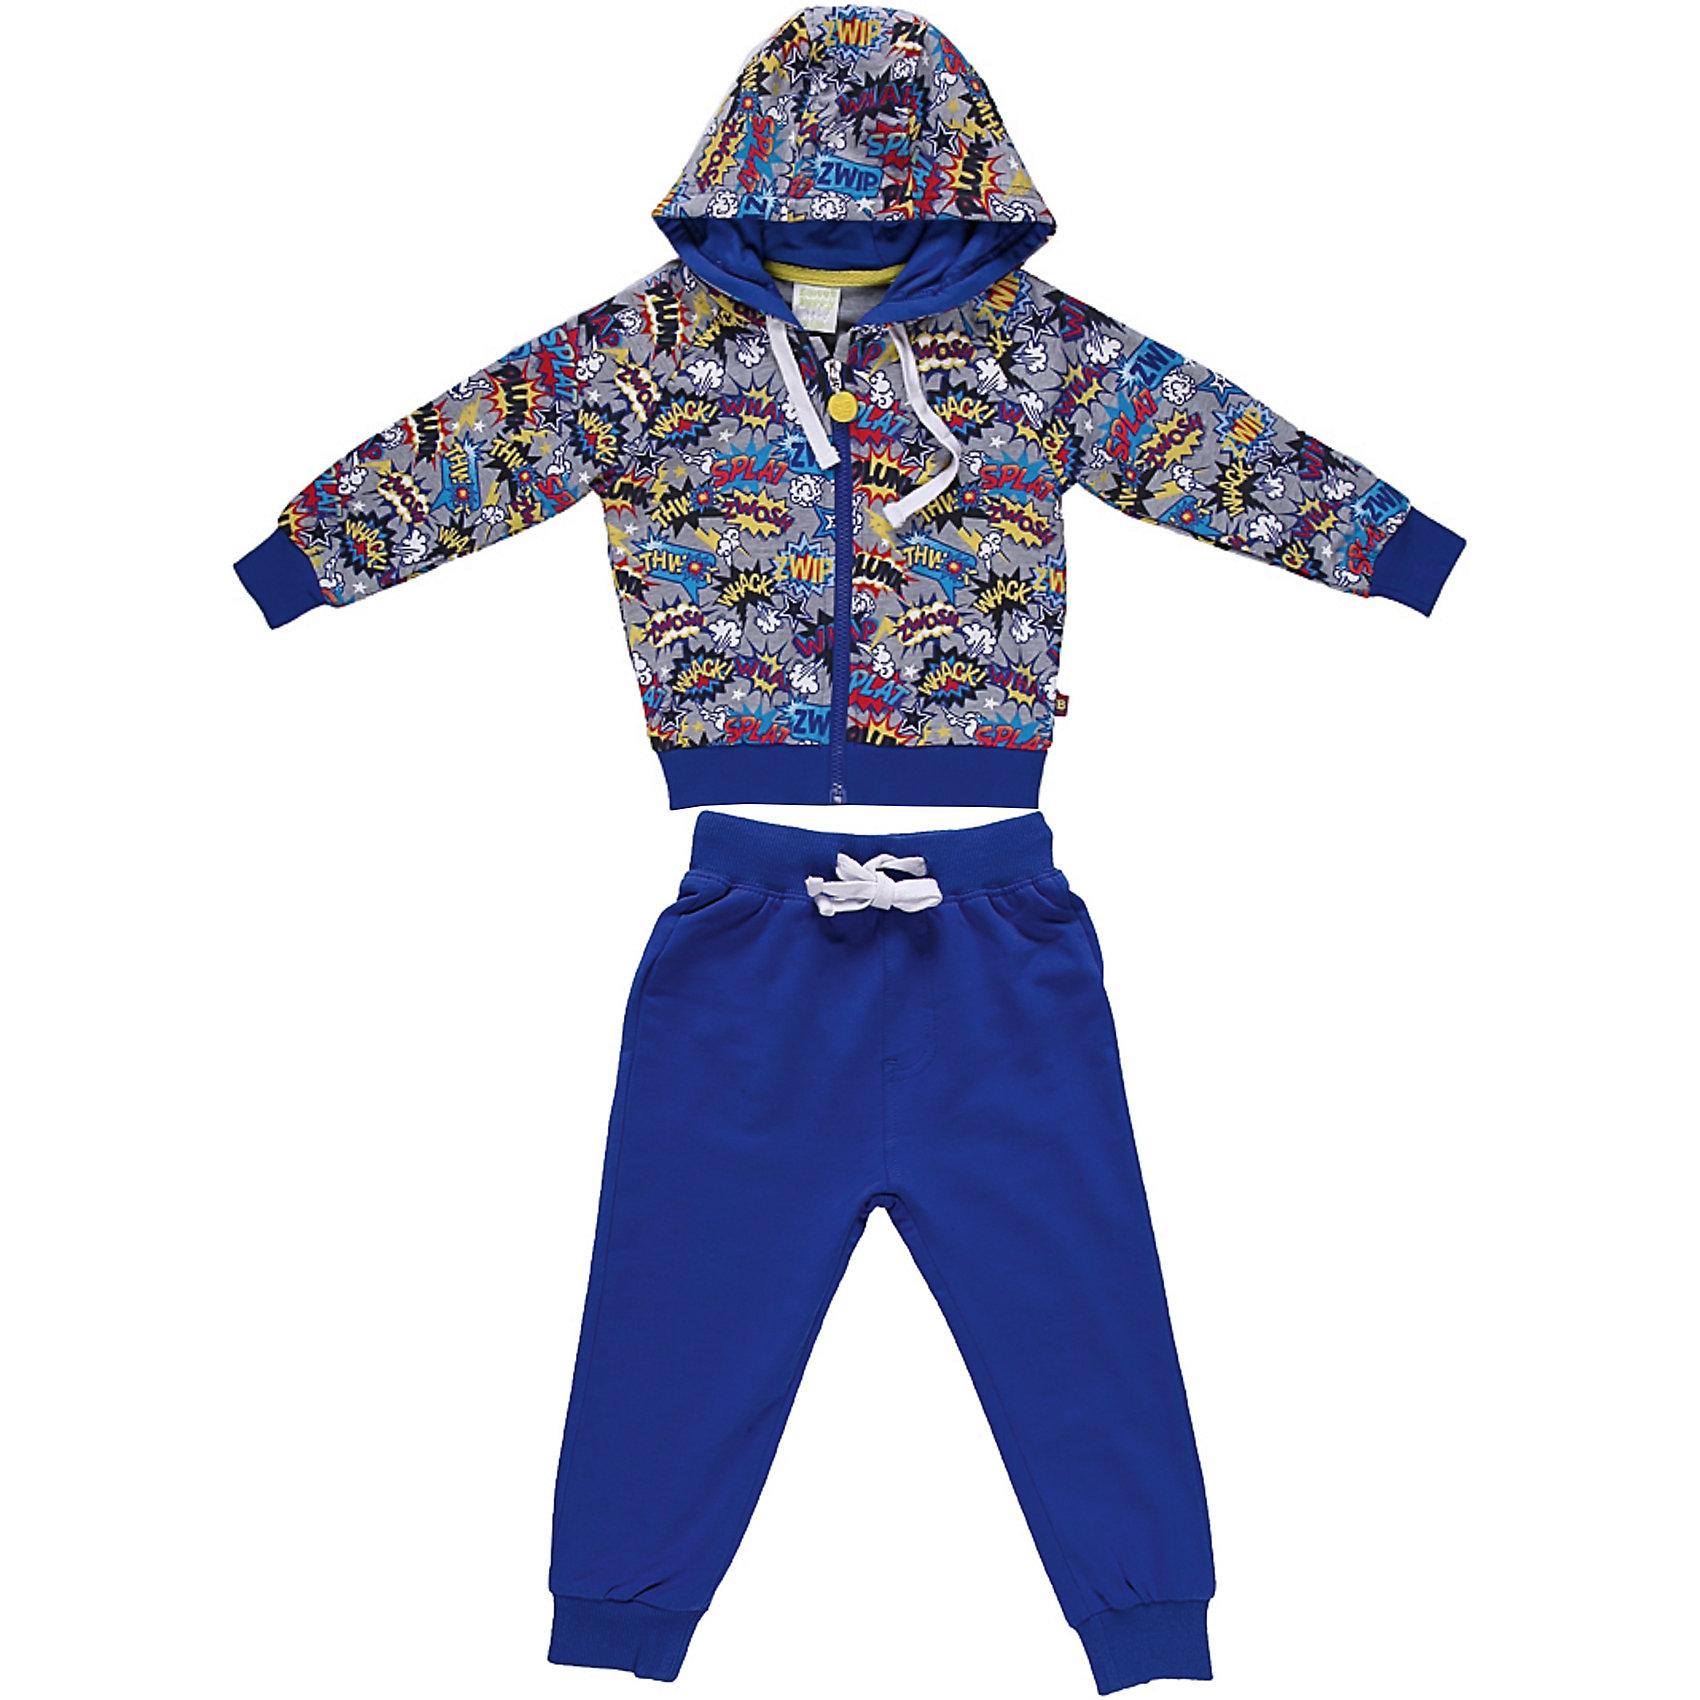 Спортивный костюм для мальчика Sweet BerryКомплекты<br>Яркий спортивный костюм для мальчика. Толстовка с капюшоном на яркой трикотажной подкладке.  Брюки на поясе с трикотажной резинкой, регулируется хлопковым шнурком.<br>Состав:<br>95% хлопок 5% эластан<br><br>Ширина мм: 247<br>Глубина мм: 16<br>Высота мм: 140<br>Вес г: 225<br>Цвет: разноцветный<br>Возраст от месяцев: 9<br>Возраст до месяцев: 12<br>Пол: Мужской<br>Возраст: Детский<br>Размер: 80,92,98,86<br>SKU: 4522059